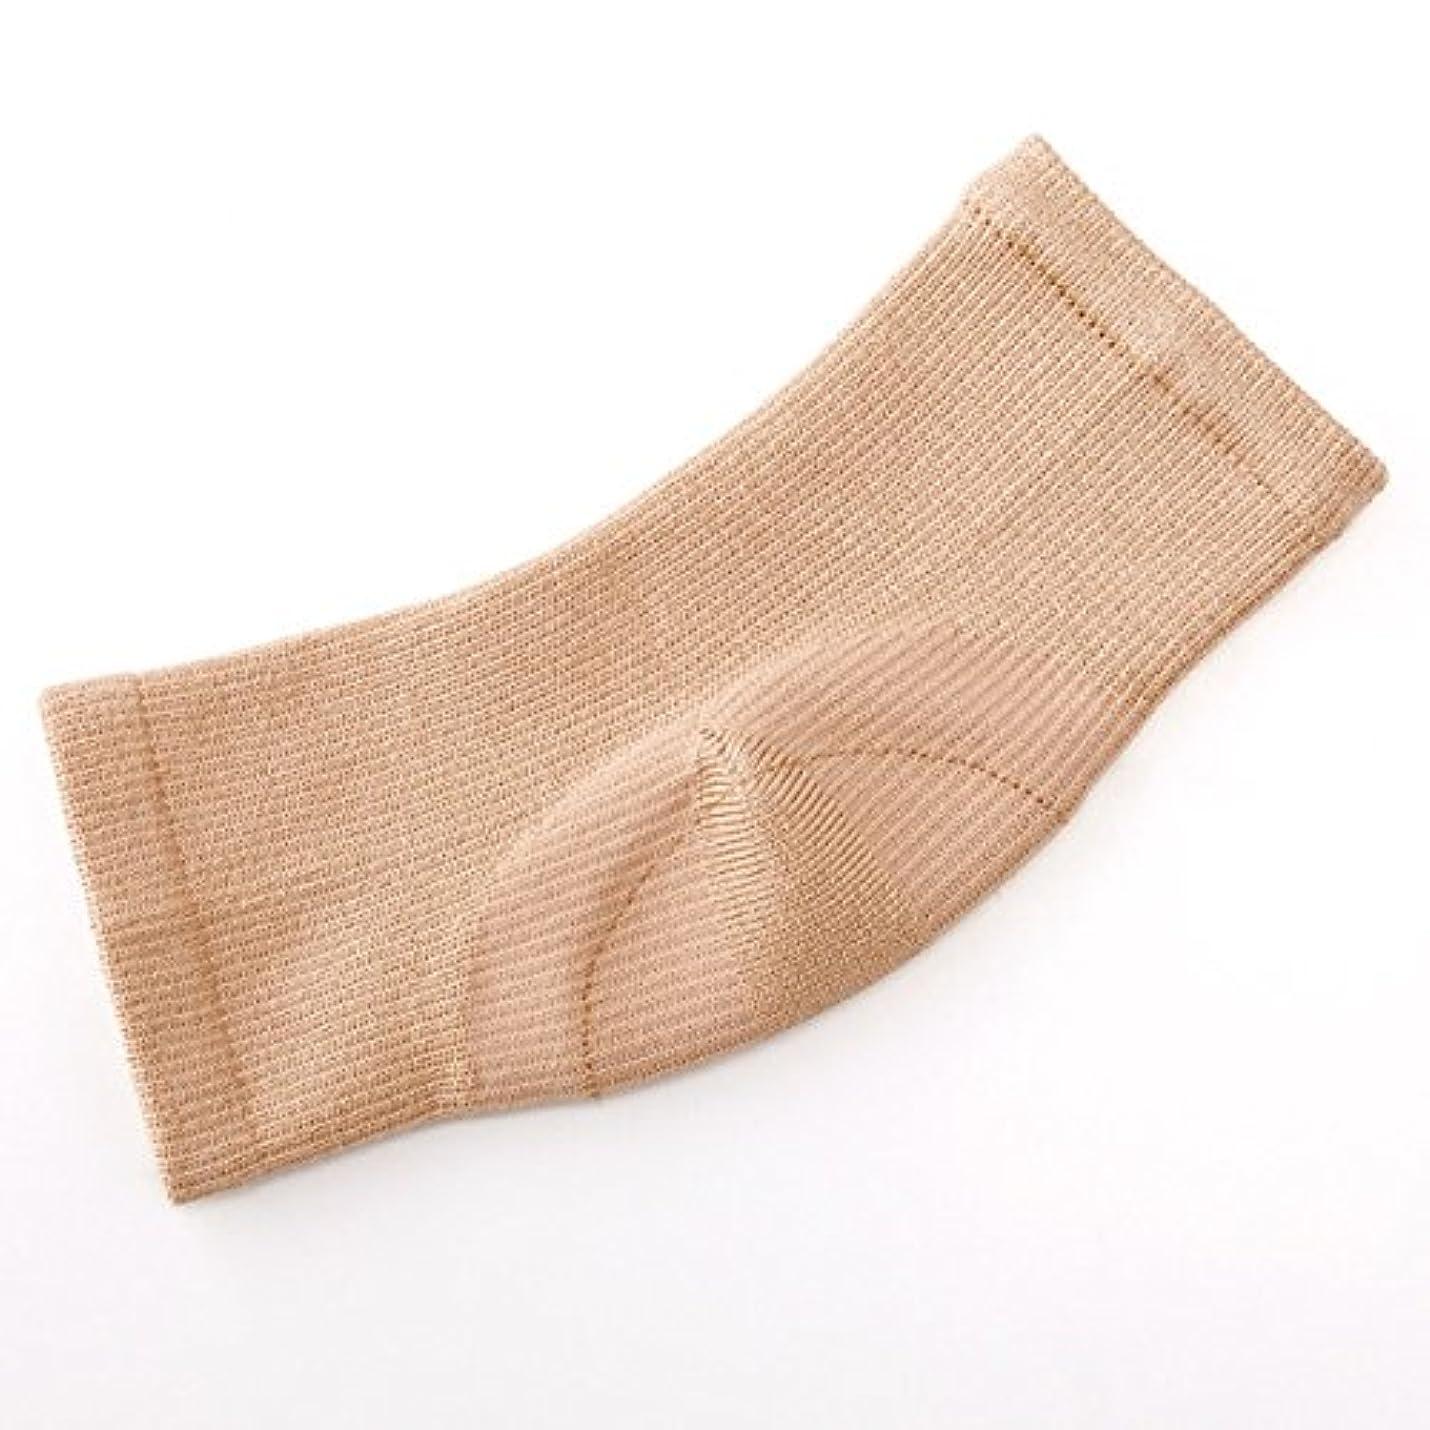 スプレーよく話されるパトロンシルク混かかと足裏つるるん シルク混 フットカバー かかと 保湿 フットケア 靴下